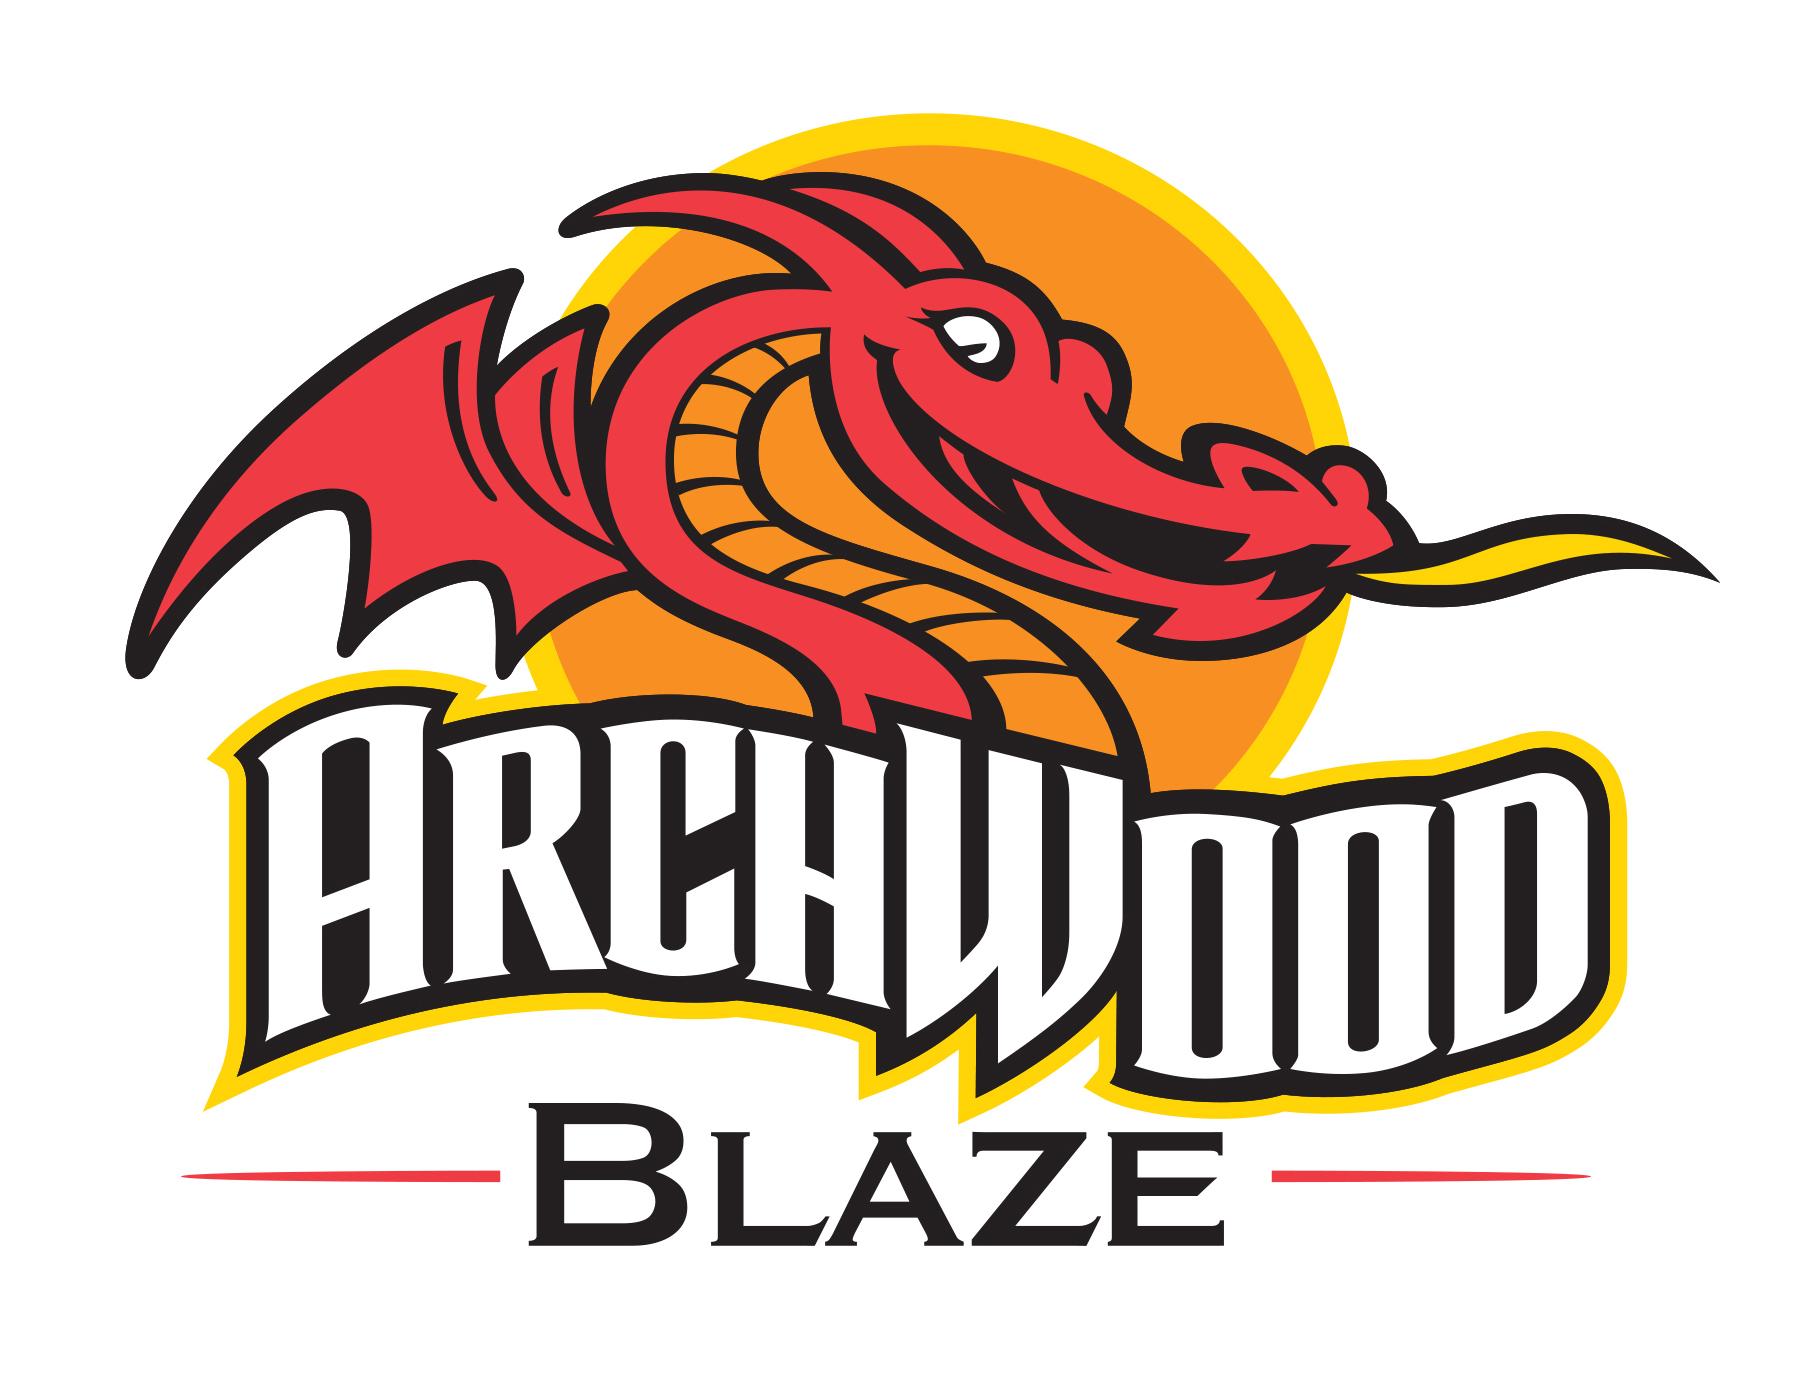 ARCHWOOD_BLAZE